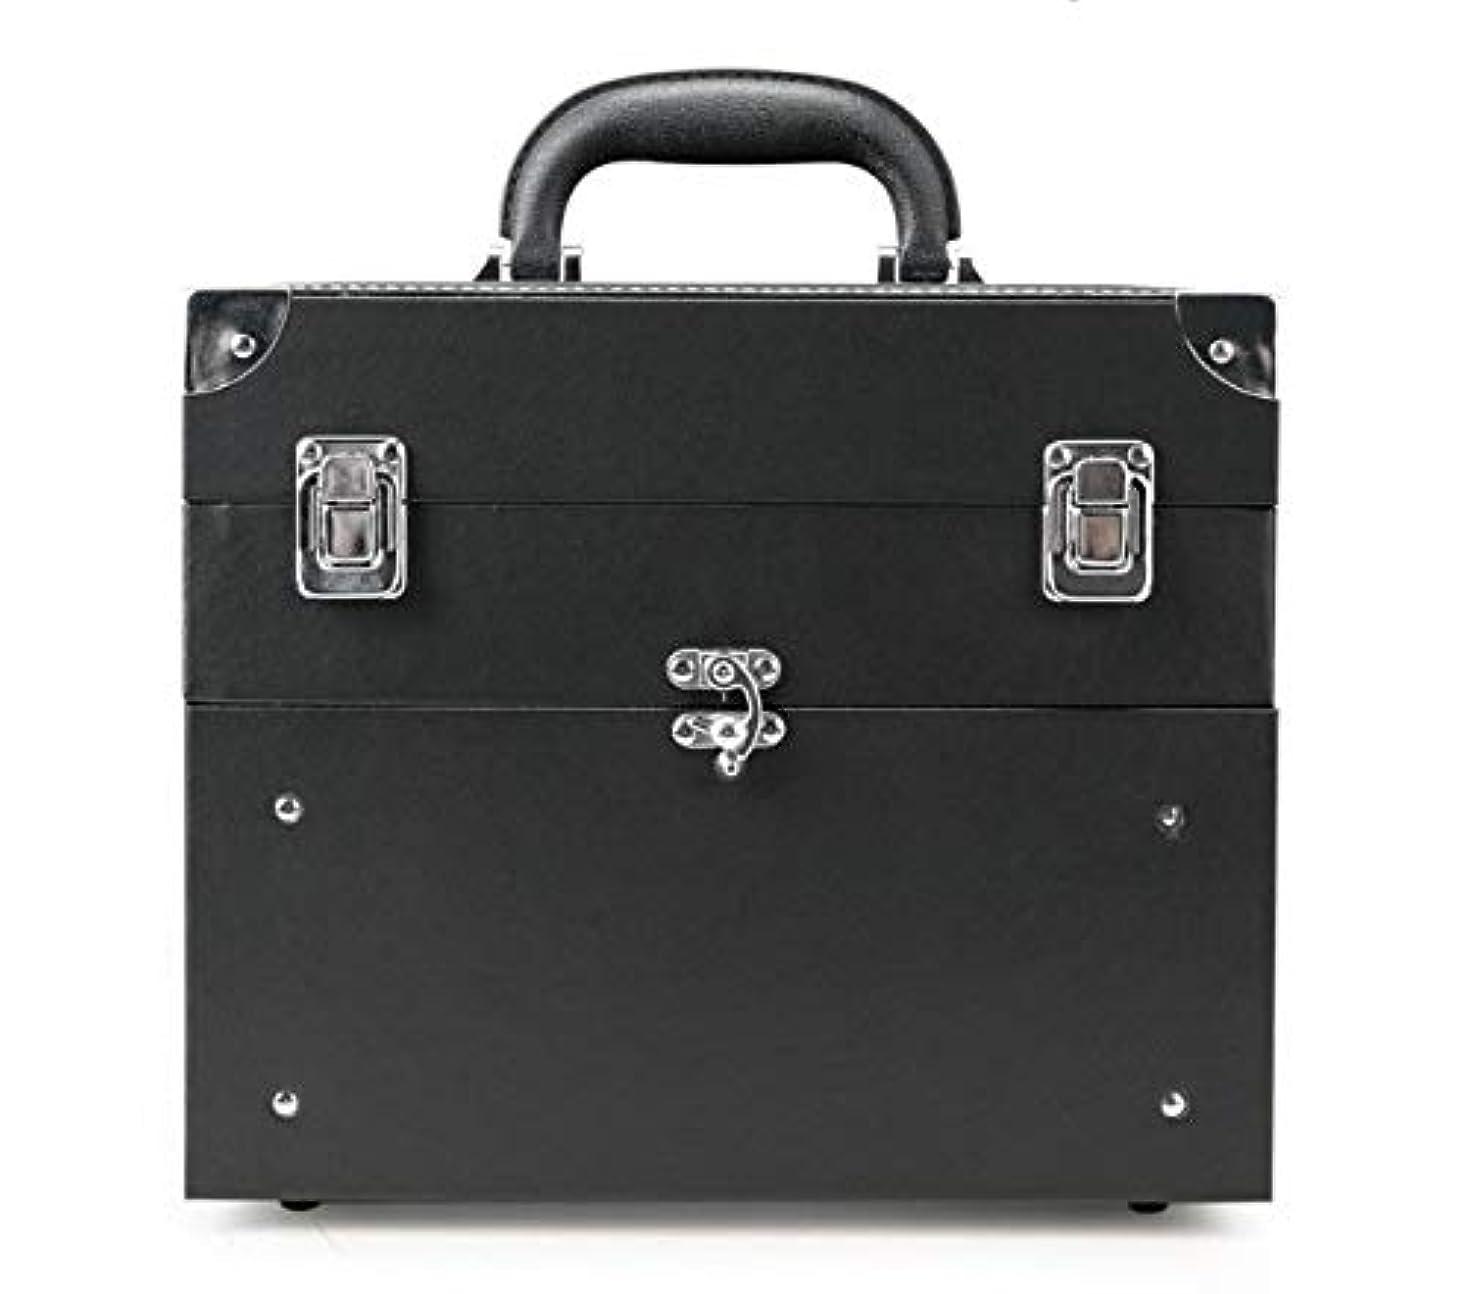 燃料直立ウナギ化粧品ケース、大容量多機能ポータブル化粧品ケース、ポータブルトラベル化粧品バッグ収納袋、美容化粧ネイルジュエリー収納ボックス (Color : ブラック)